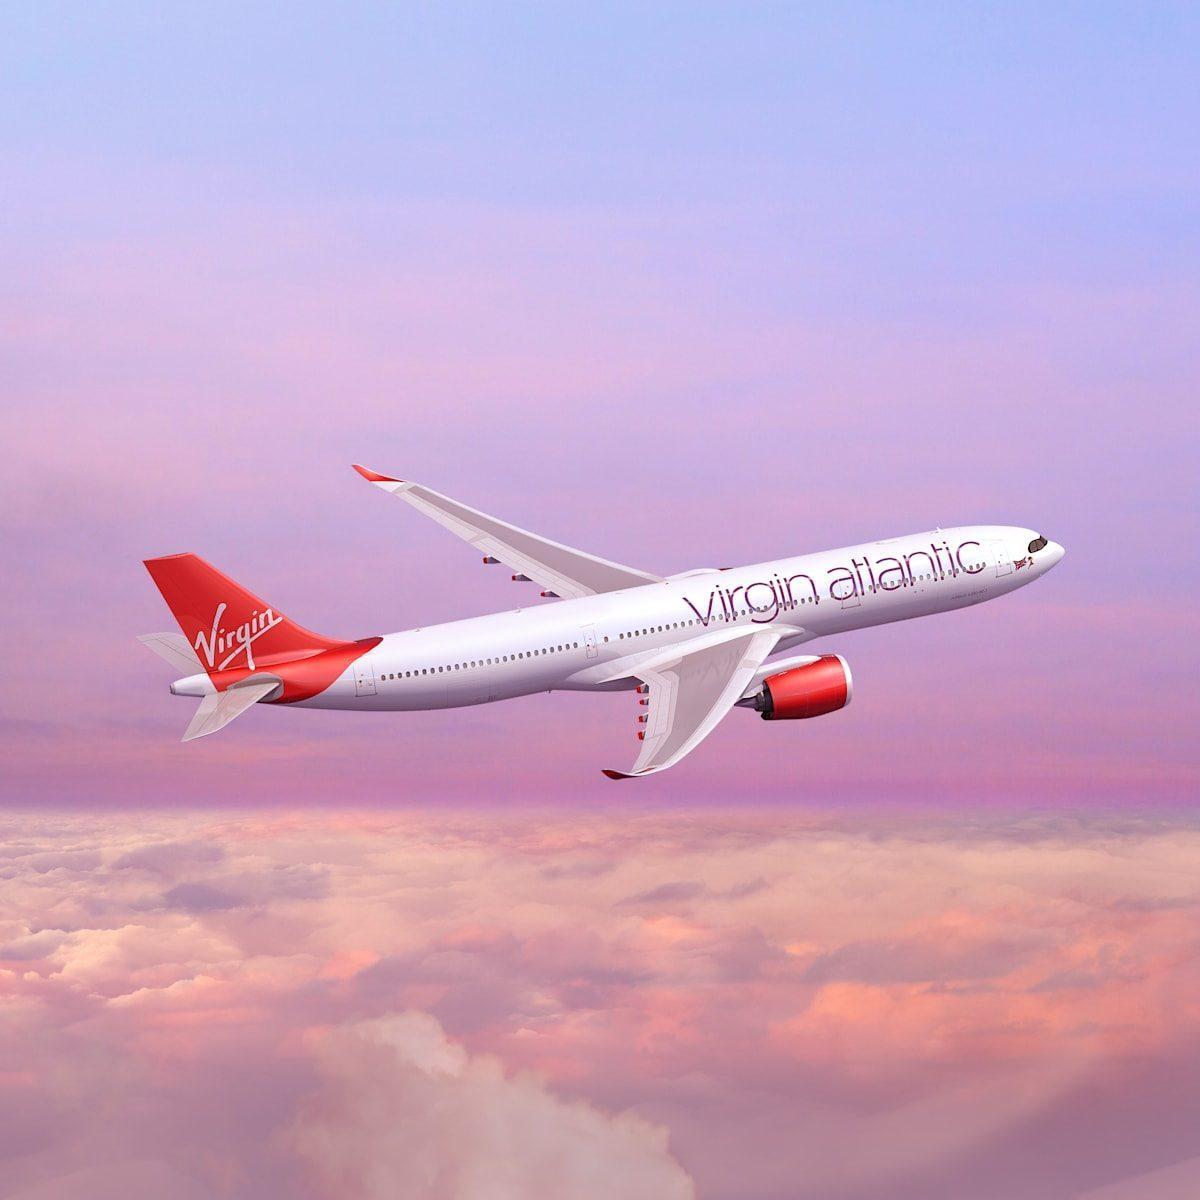 Virgin Atlantic & Boeing